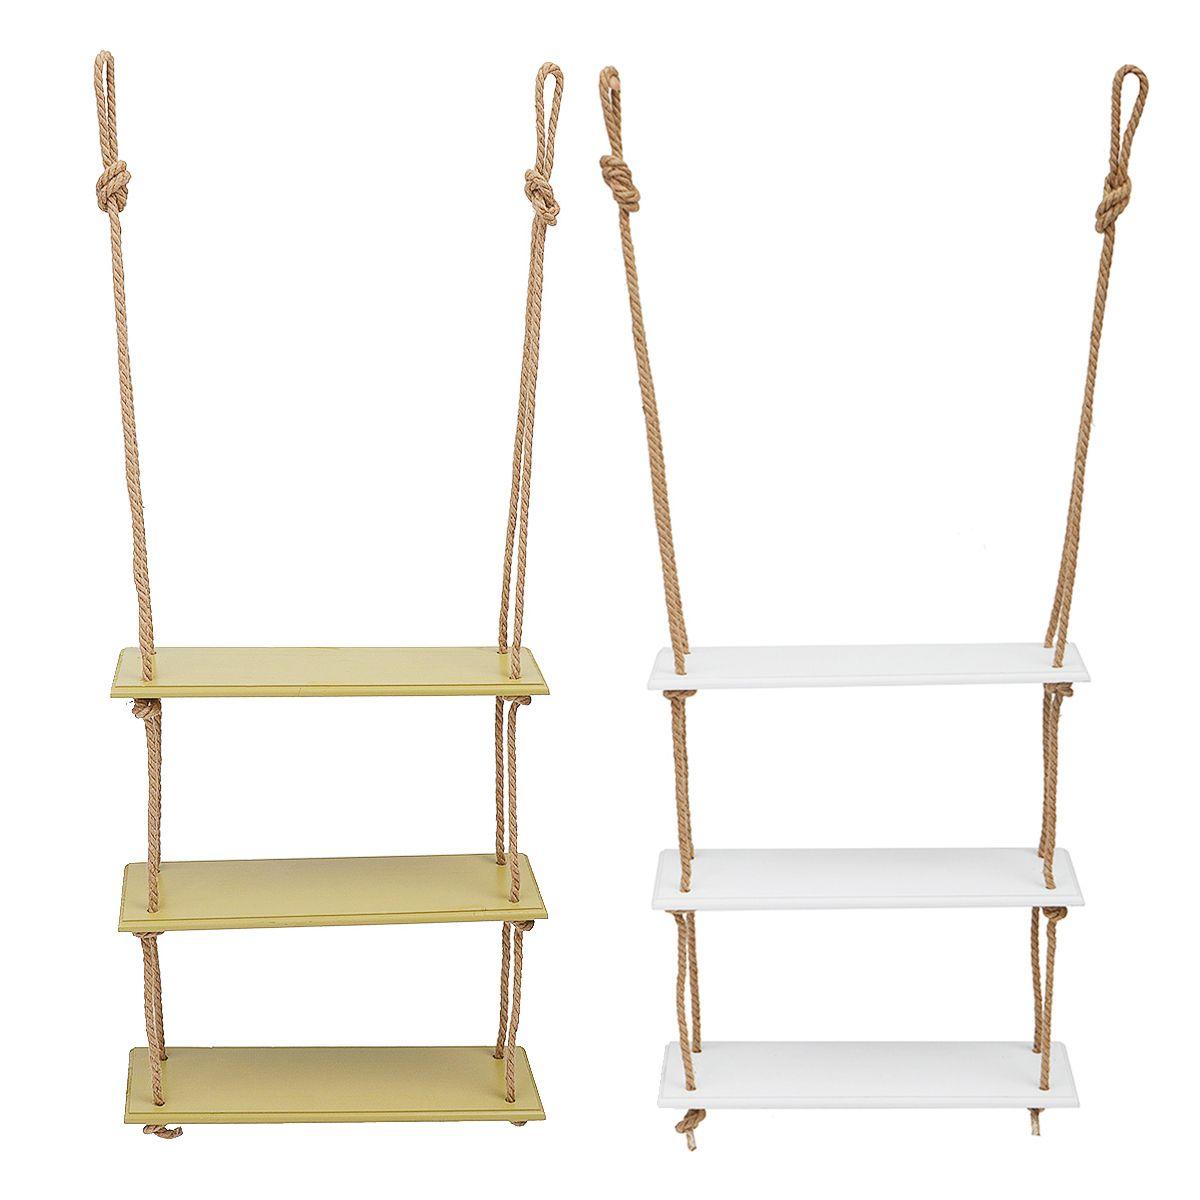 3/2/1 tiers madeira maciça Rustic Hanging Shelf balanço flutuante de armazenamento rack de parede de juta Corda Bookshelf exibir prateleiras decorativas